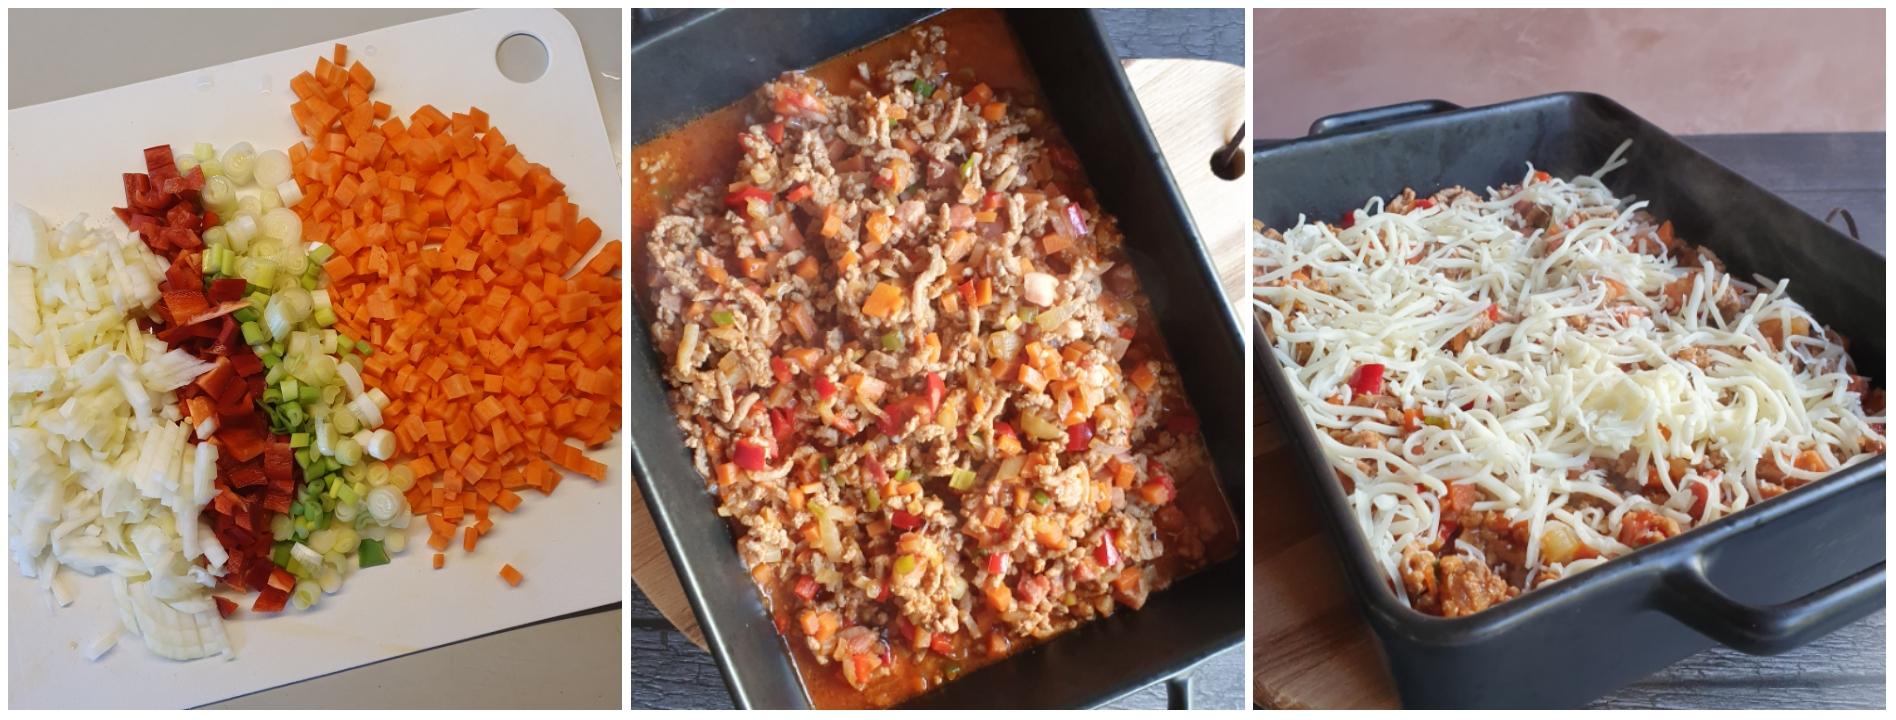 Pandekager med fyld af bagt kødsovs med grøntsager